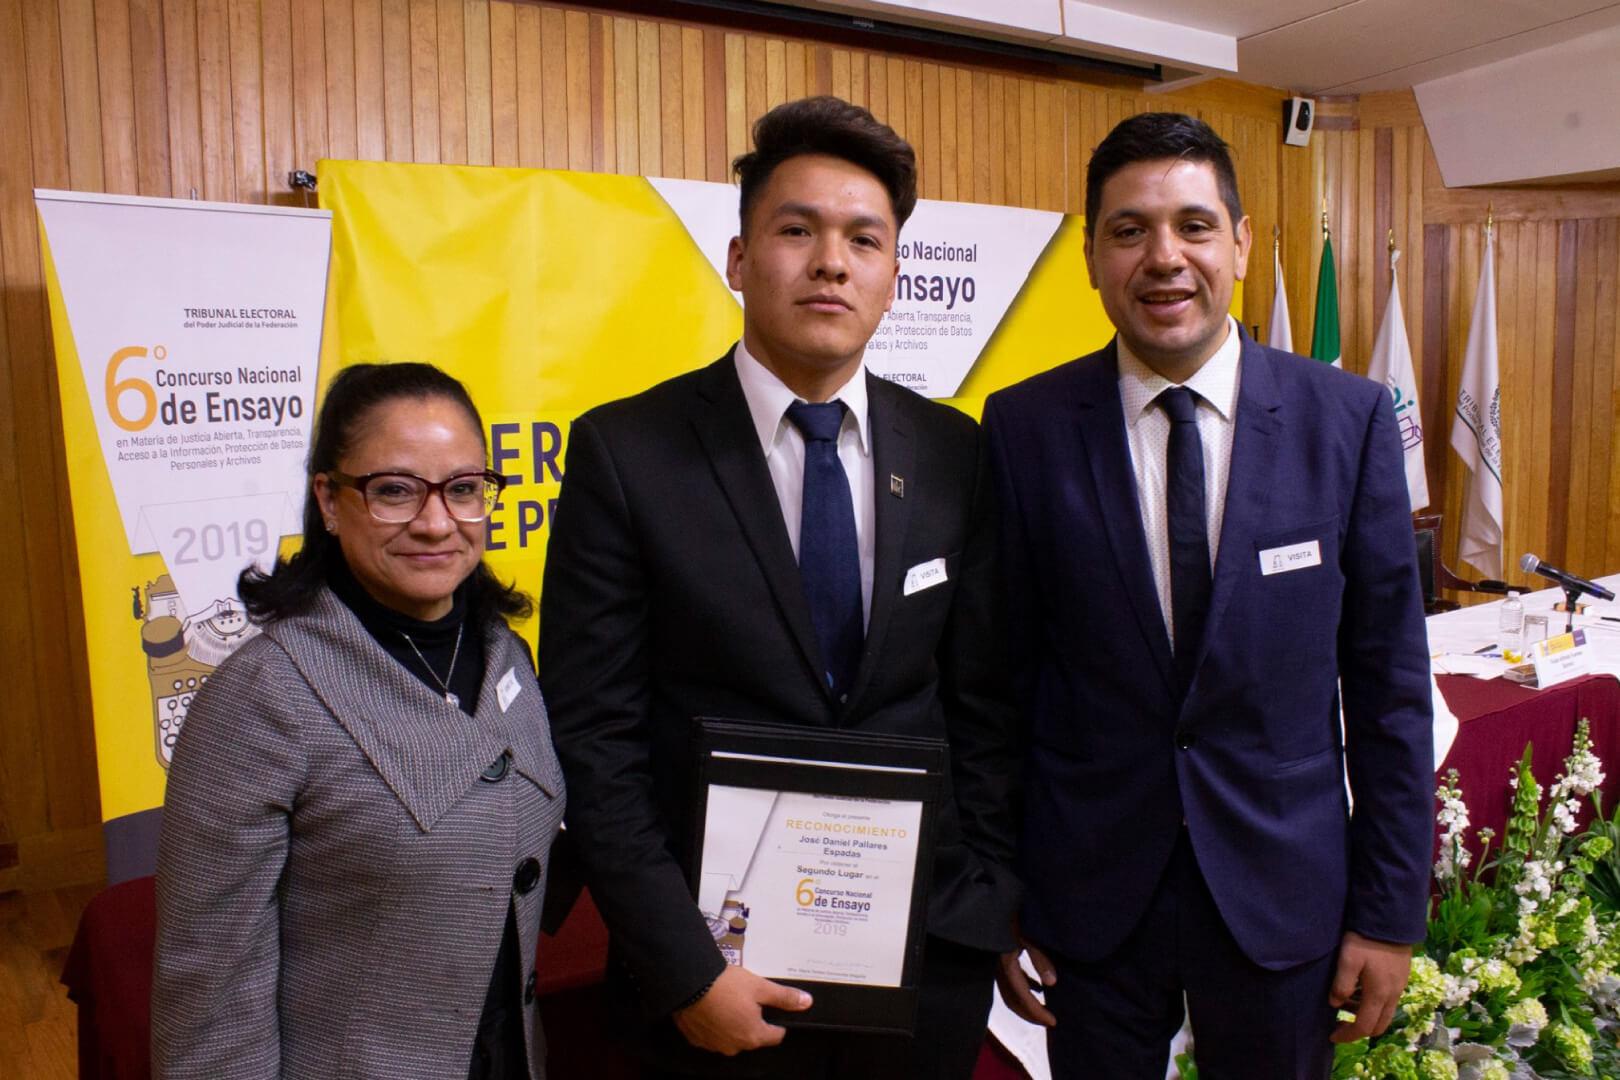 Alumno de la licenciatura en derecho es galardonado en el 6º concurso nacional de ensayo del TEPJF